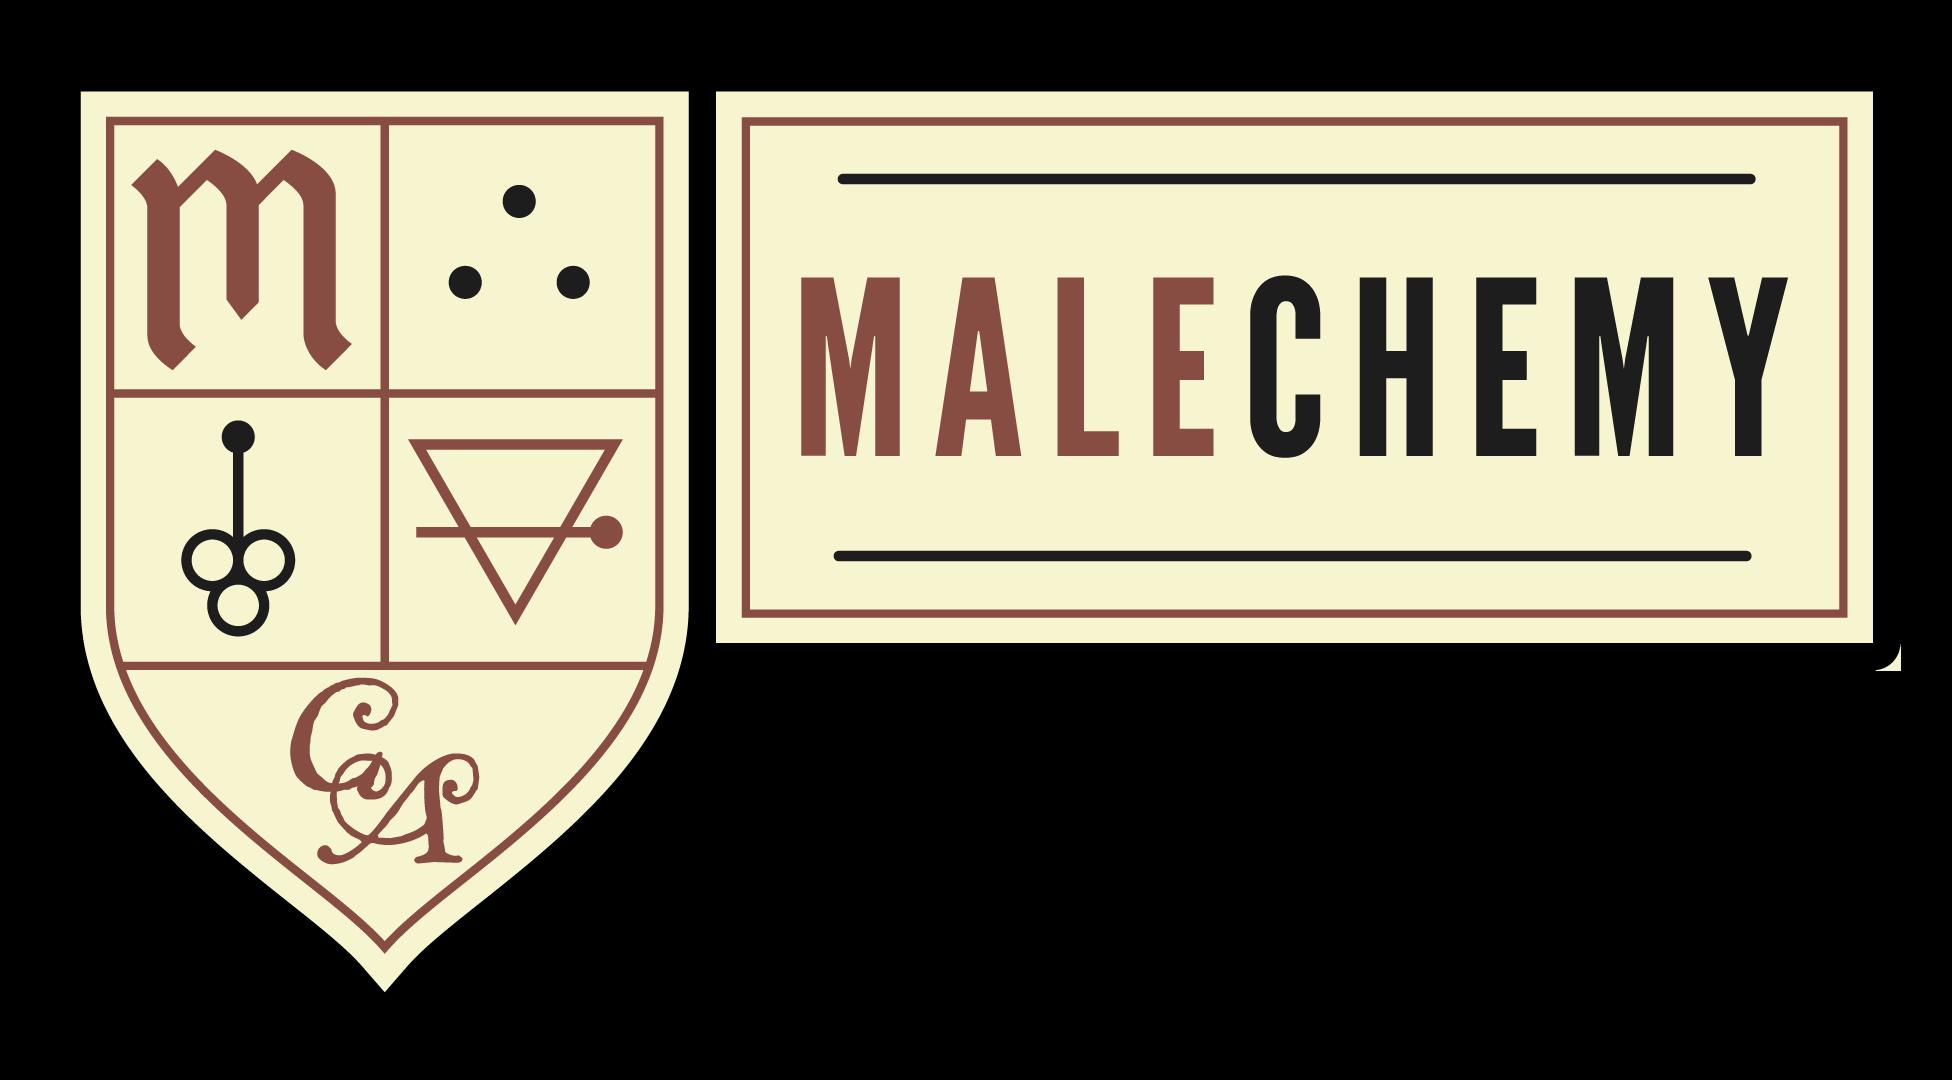 Malechemy-logo-new---Feb-13-2017.png